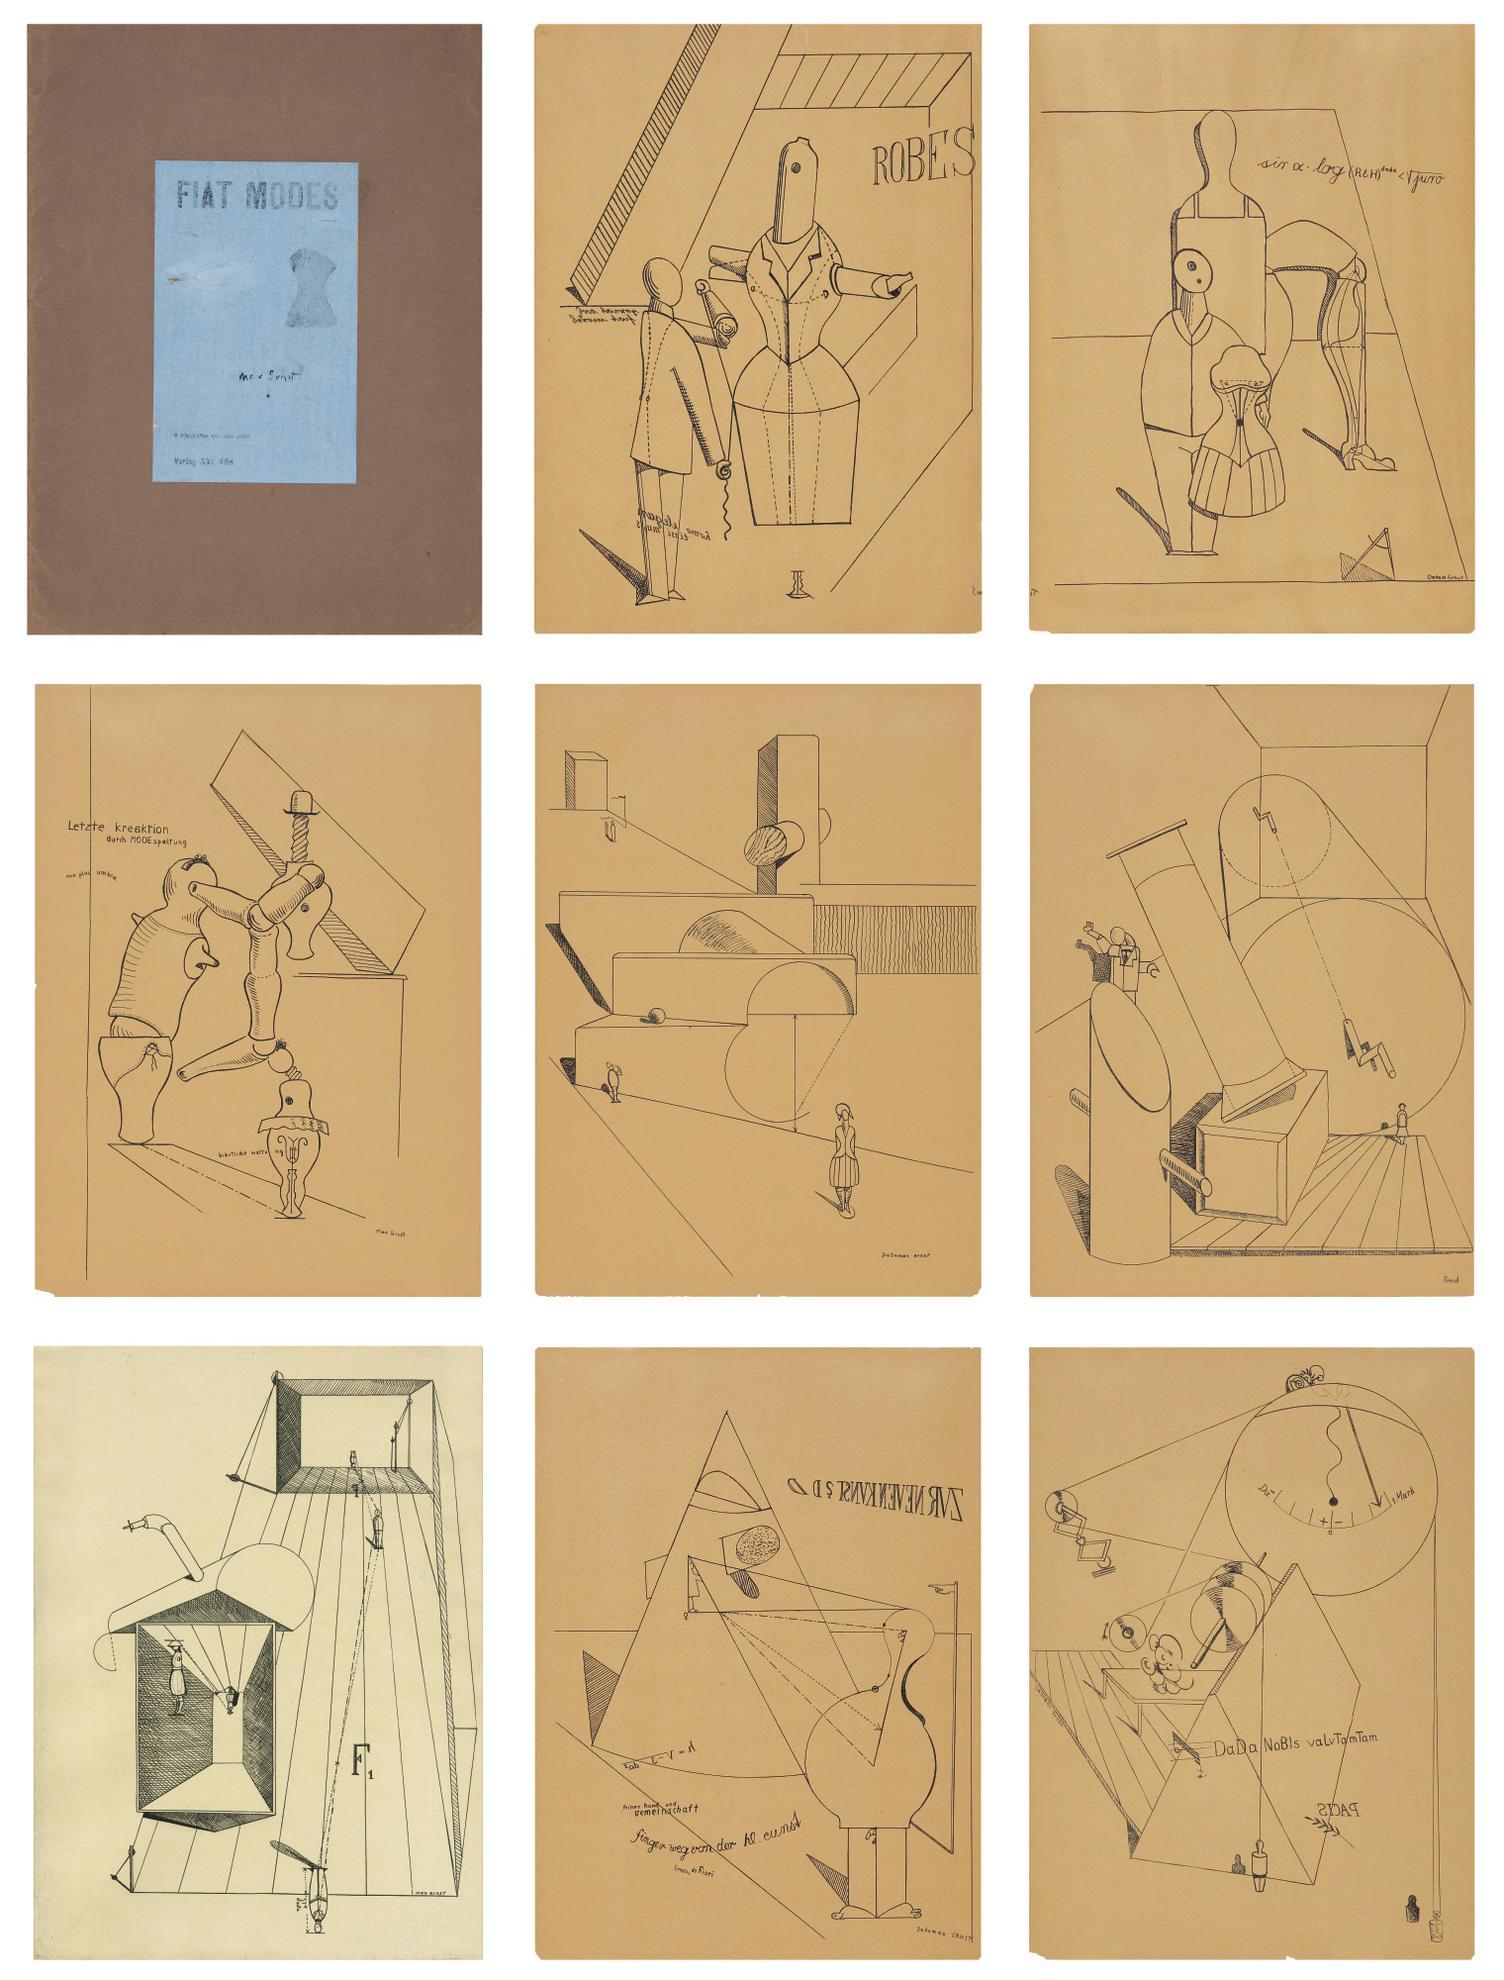 Max Ernst-Fiat Modes Pereat Ars (Spies & Leppien 7)-1919